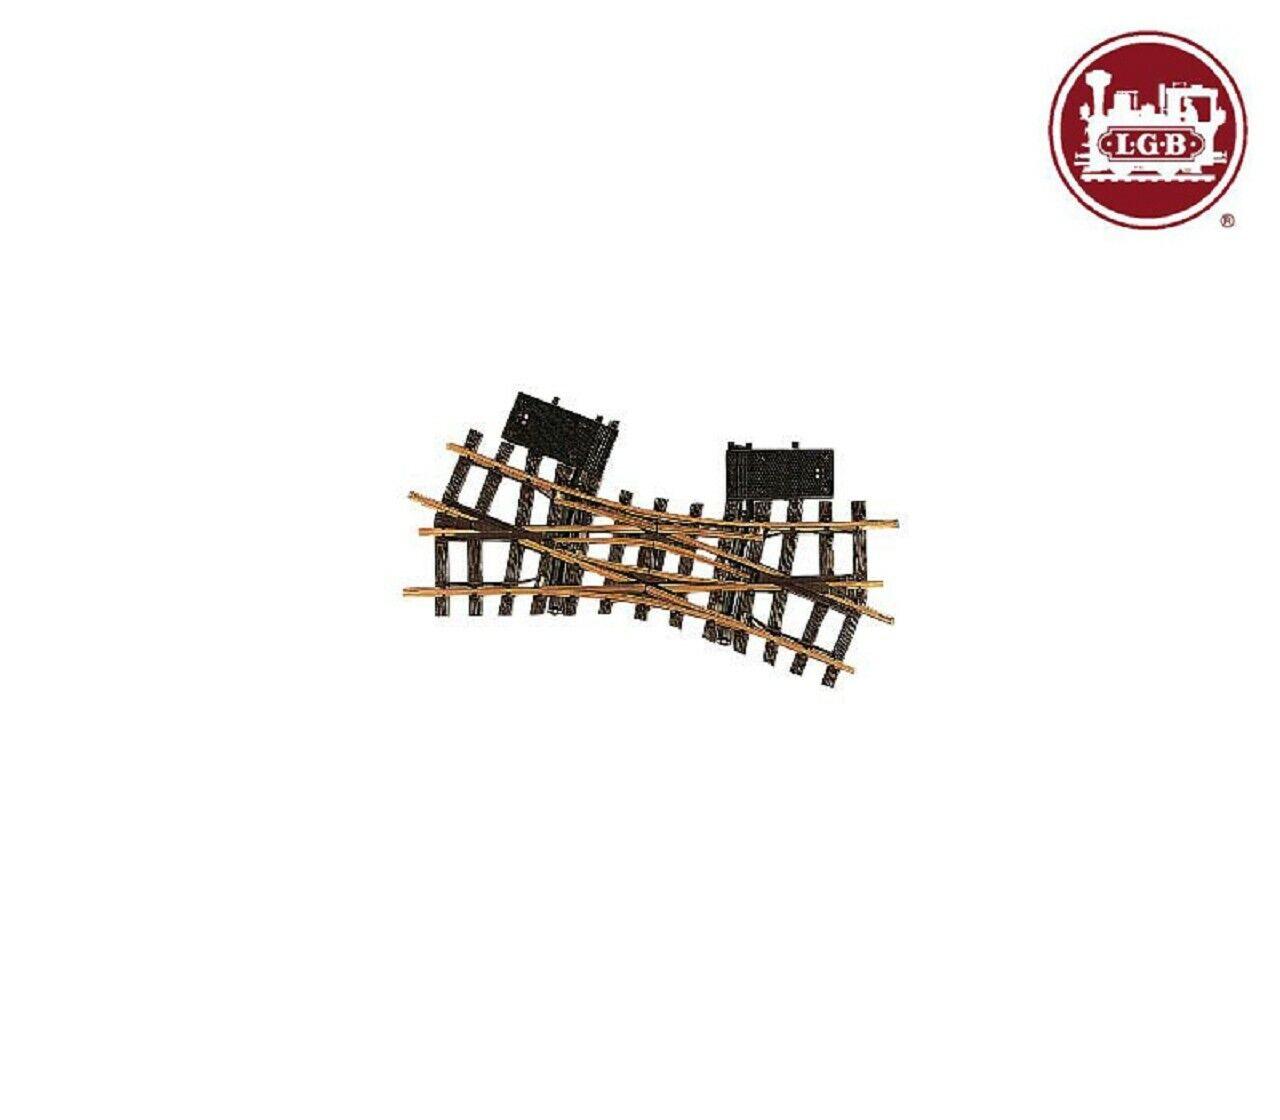 LGB 12260 Electrical Double Cross Soft R1  22.5 ° +++ nouveau  magasin fait l'achat et la vente